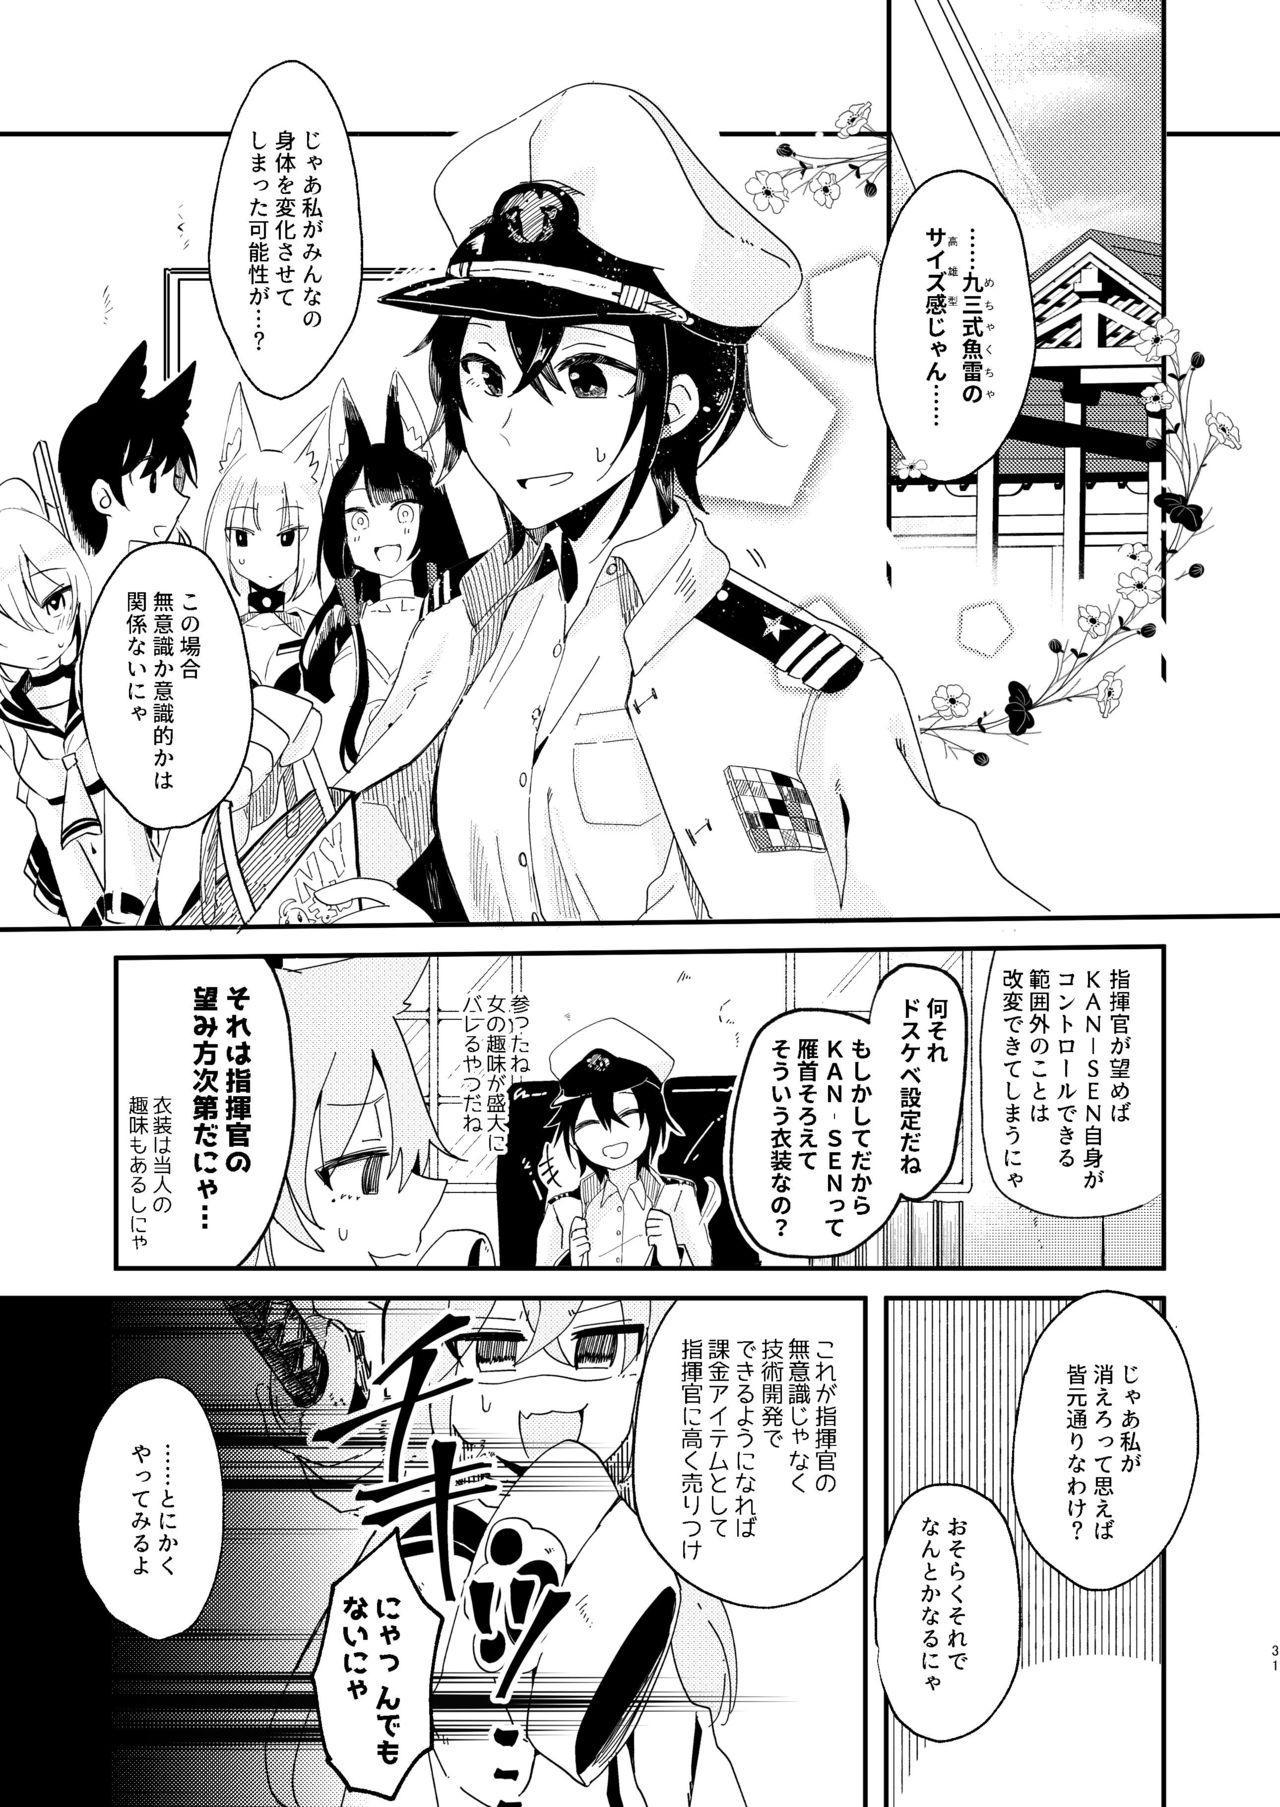 Kitai no Shisugi wa Kinmotsu desu! - Sticks are not necessarily buff 29